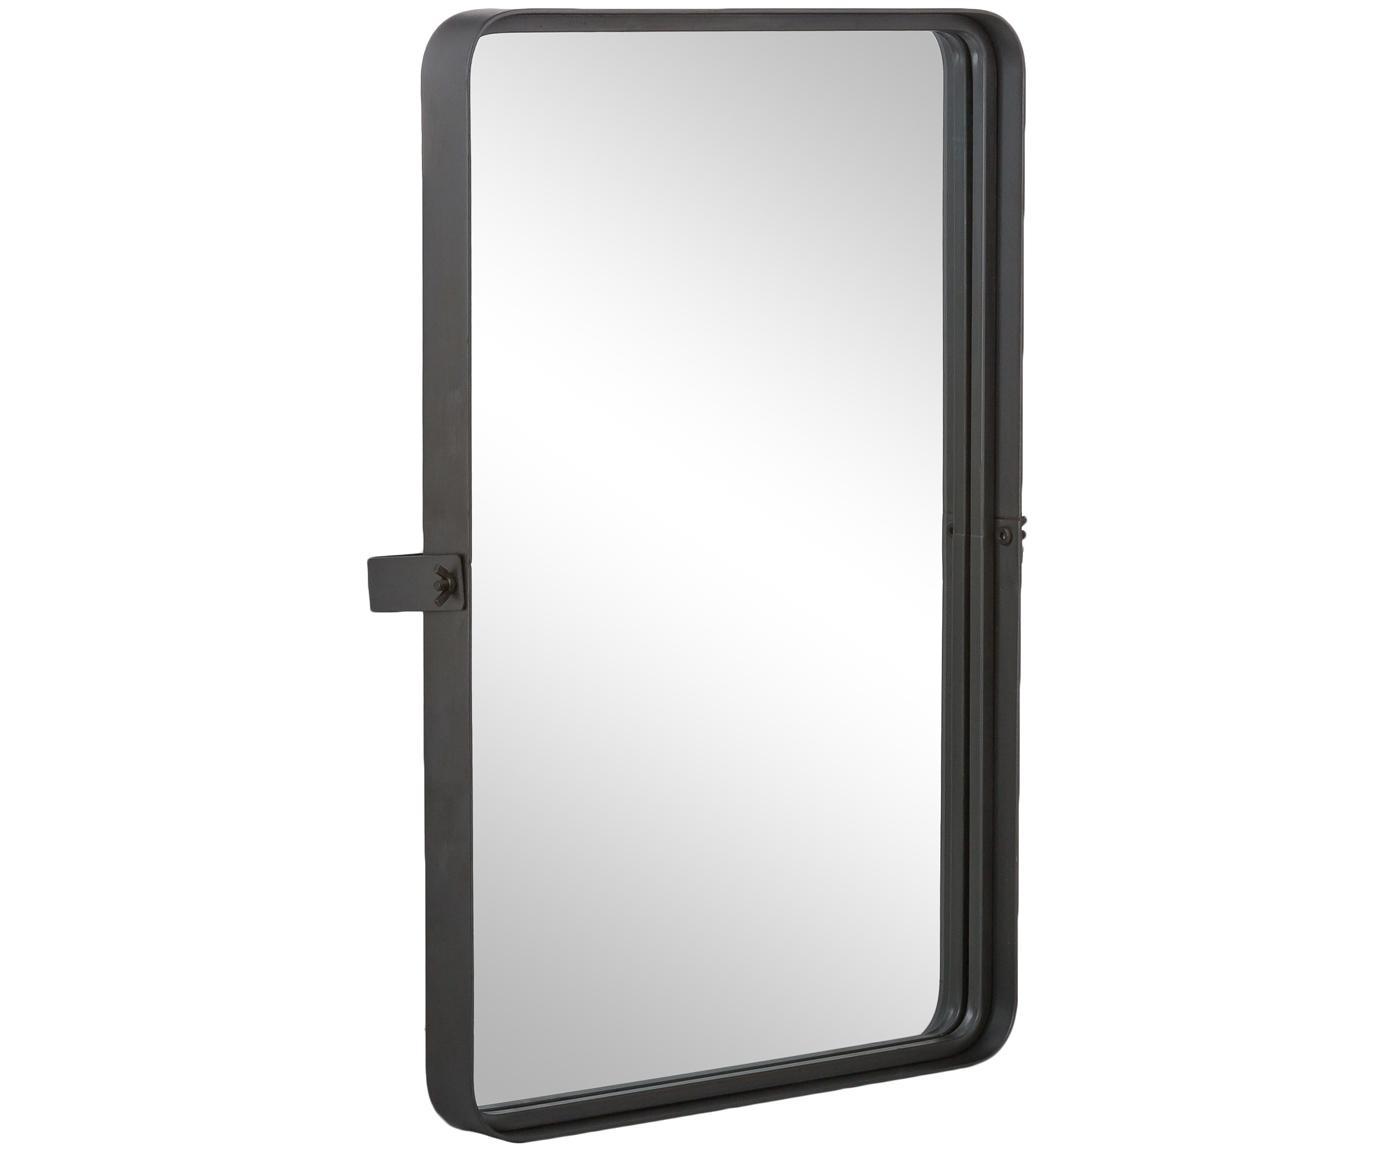 Eckiger Wandspiegel Poke L mit grauem Rahmen, Korpus: Mitteldichte Holzfaserpla, Rahmen: Metall, Spiegelfläche: Spiegelglas, Rahmen: DunkelgrauSpiegelfläche: Spiegelglas, 41 x 60 cm